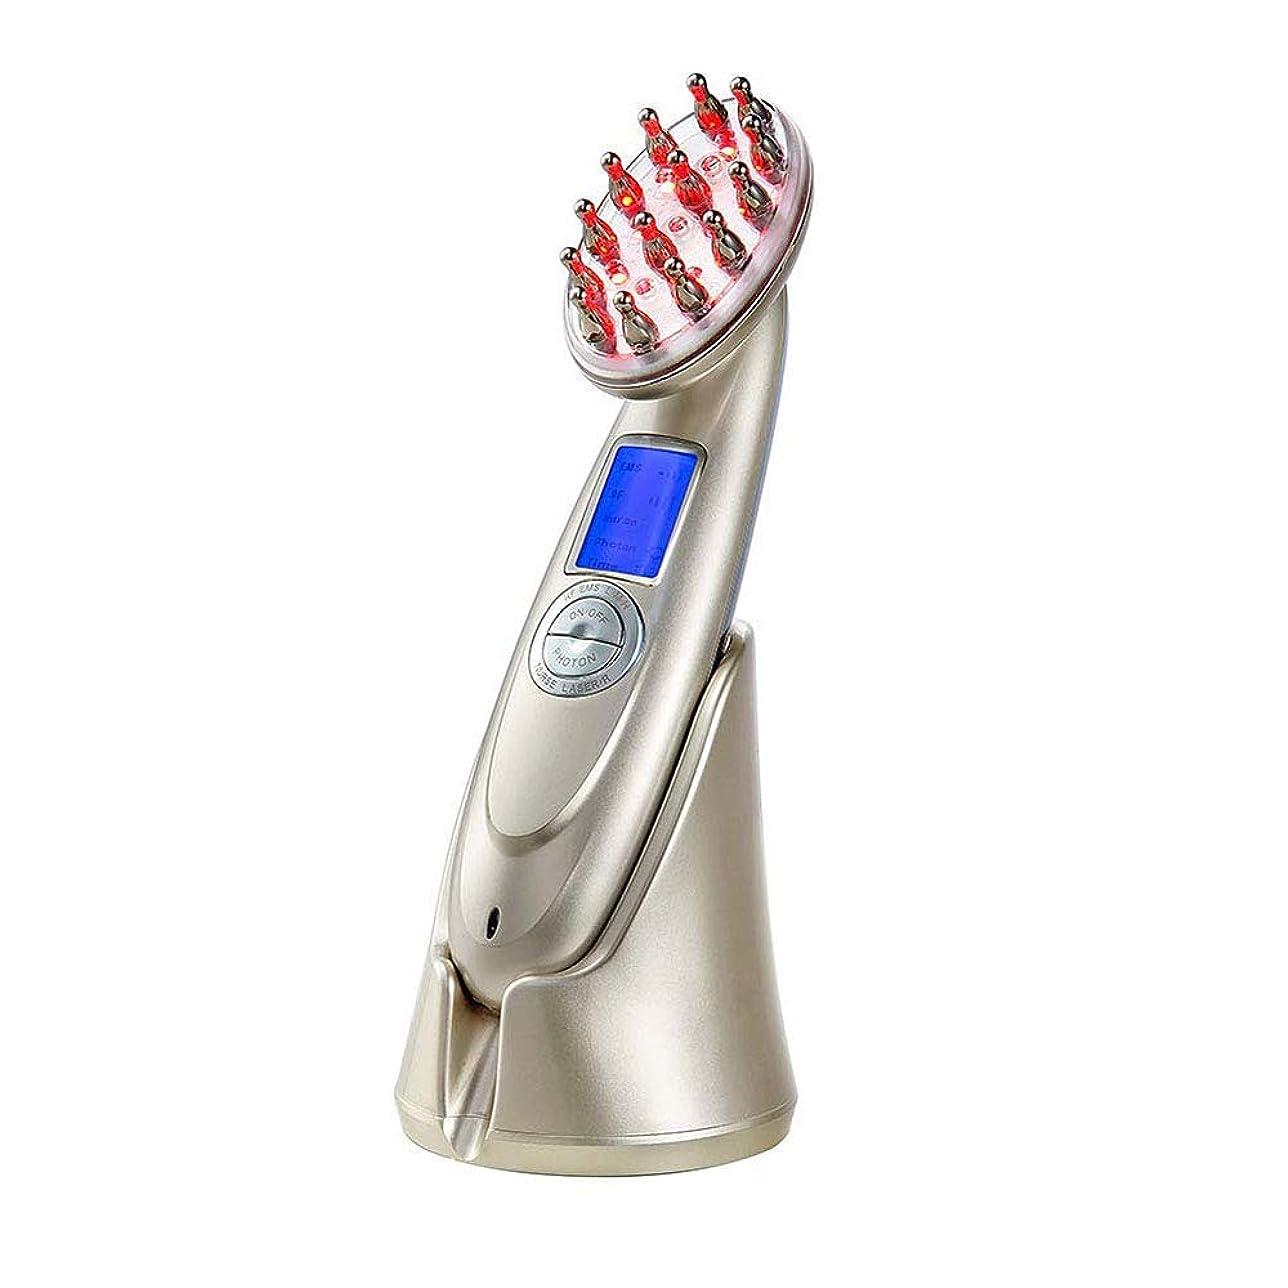 ステッチ電報品髪の成長櫛電気抗毛損失治療マッサージヘア再生ブラシ無線周波数職業 EMS Led フォトンライトセラピー櫛